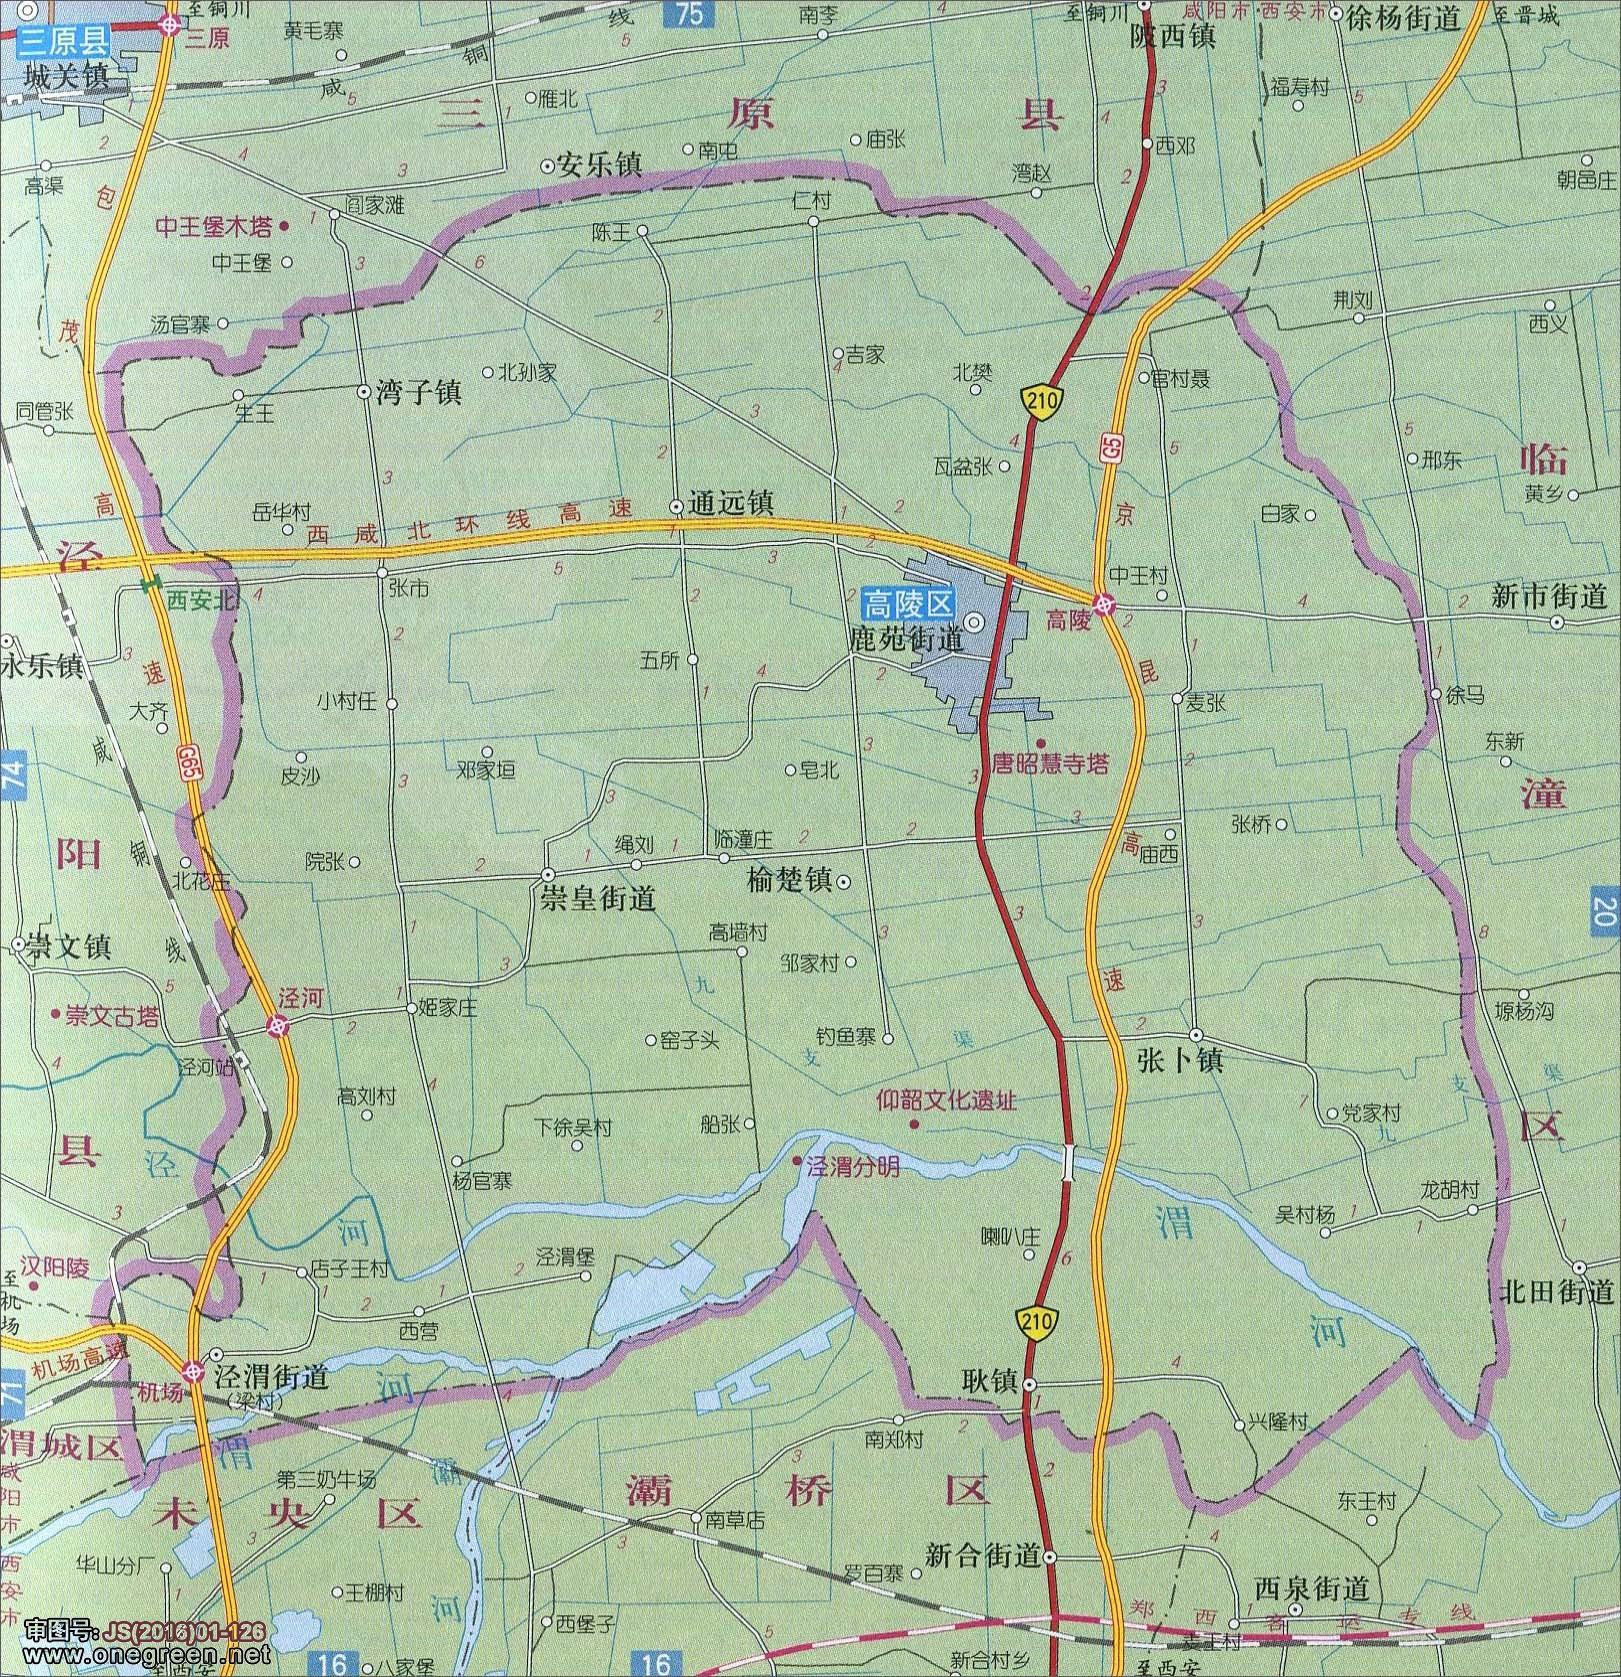 宝鸡  咸阳  渭南  汉中  榆林  安康  商洛 上一张地图: 翠华山五台